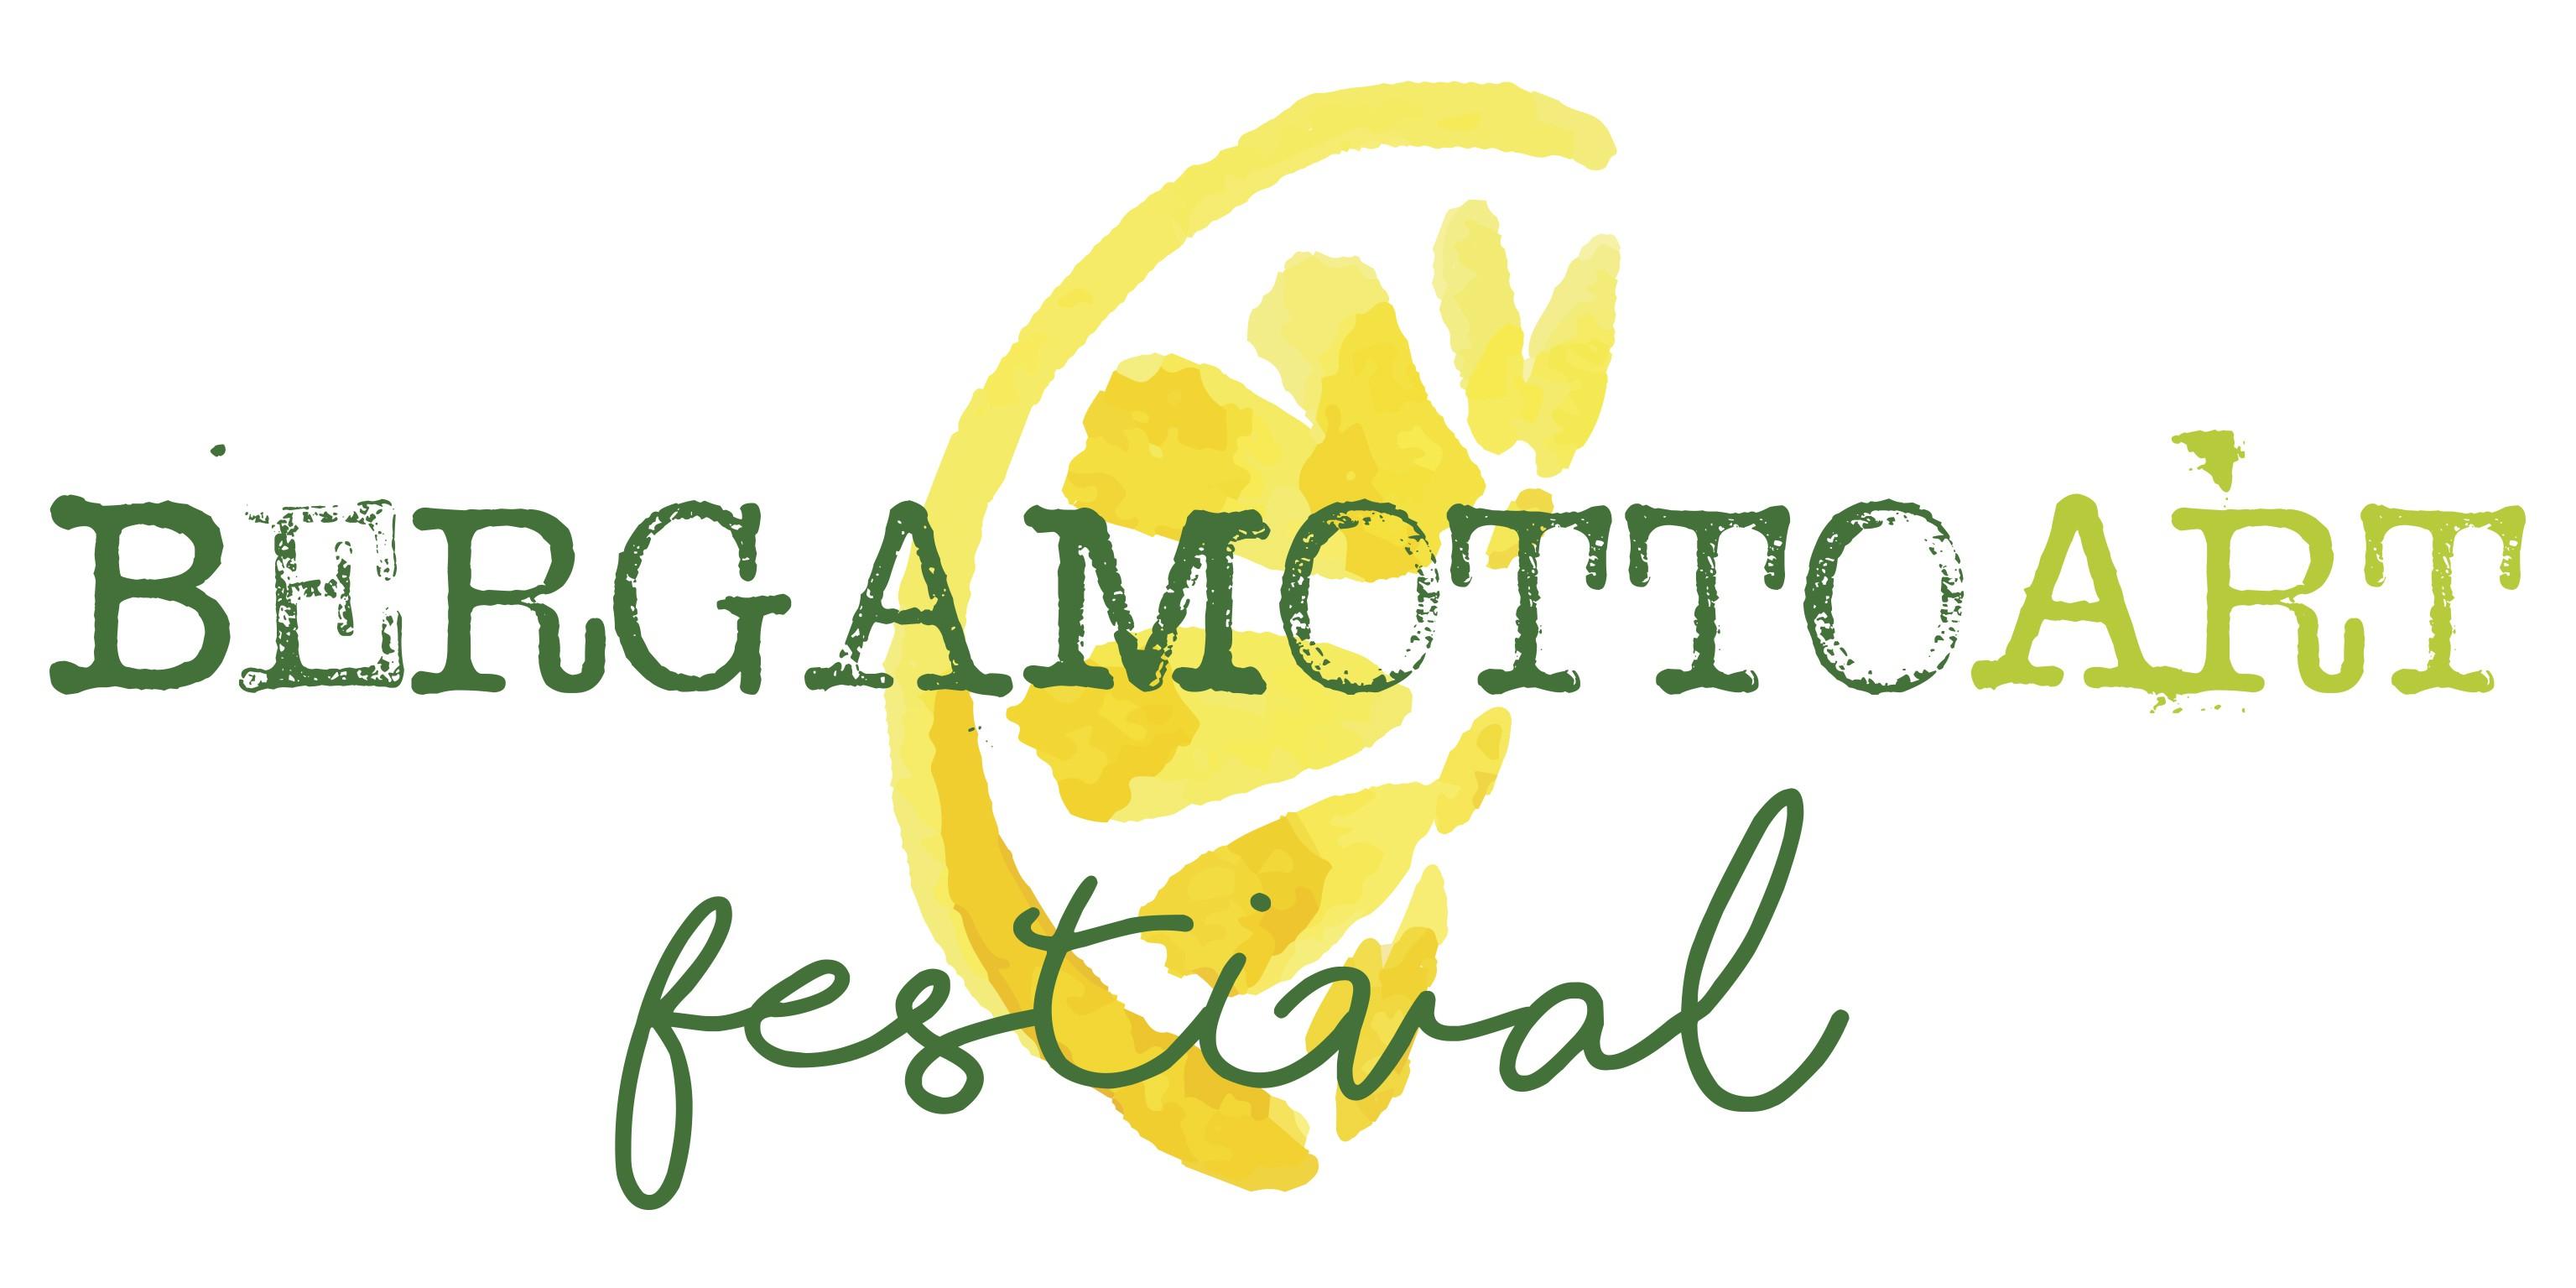 Bergamottp Art Festival logo